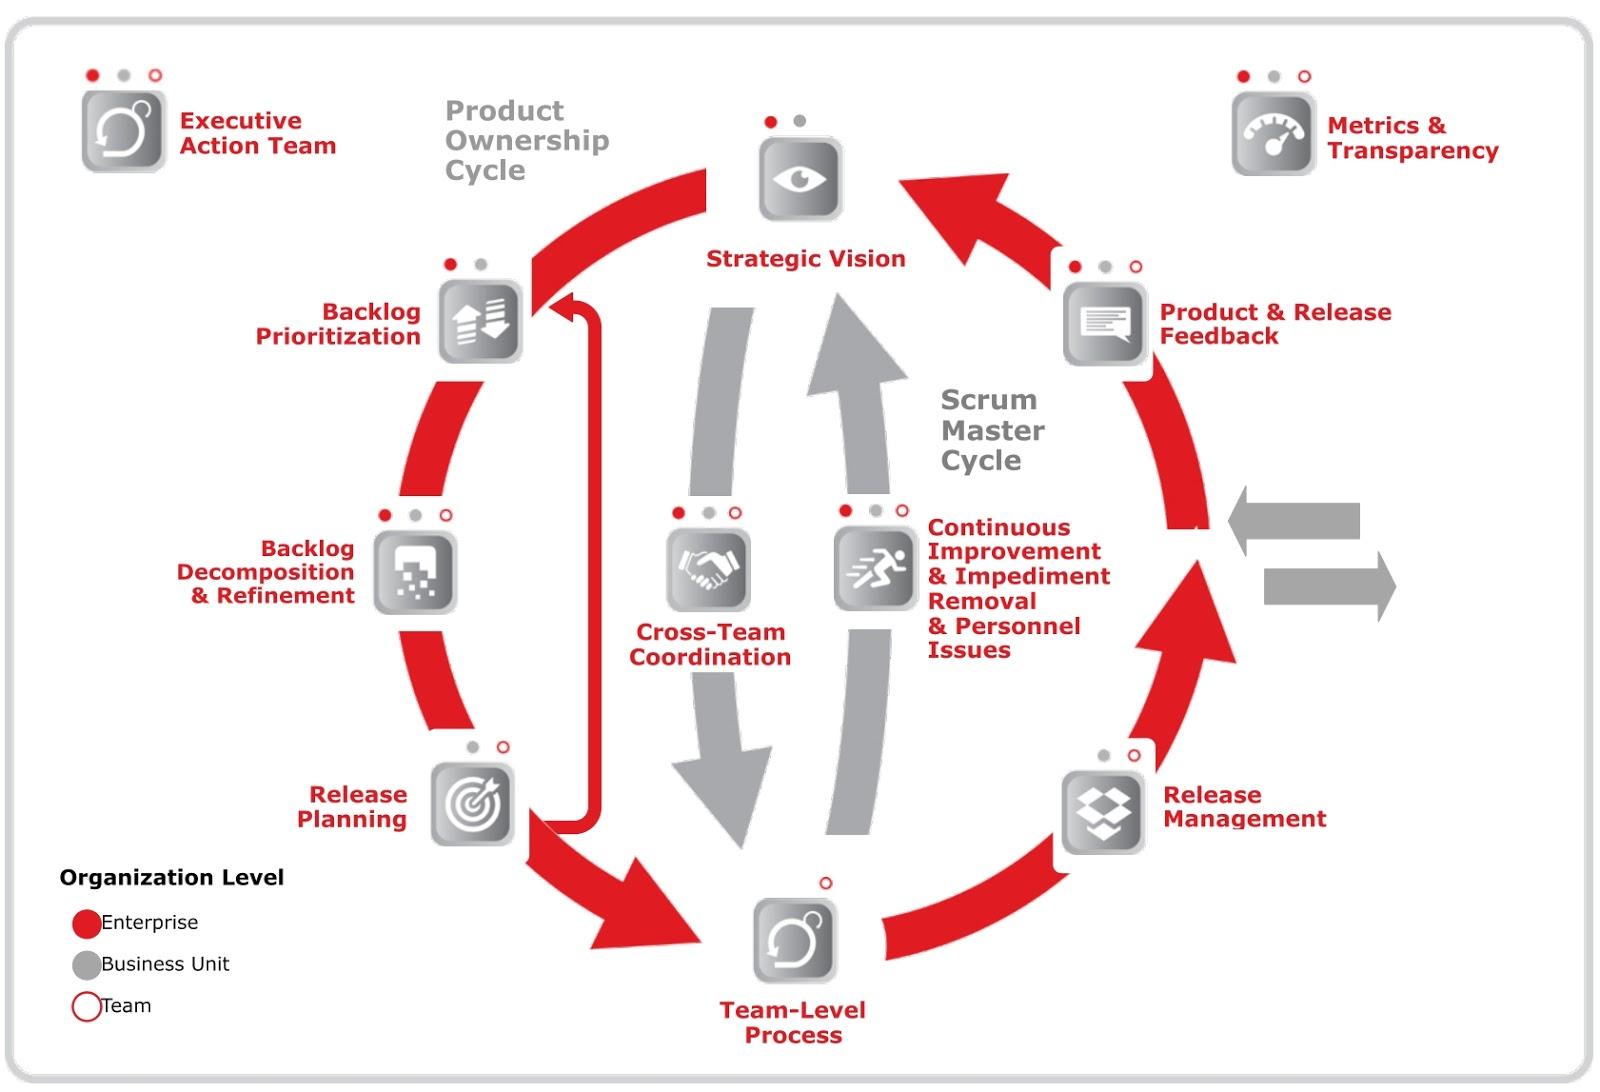 Dienstleistungen & Methoden cover image